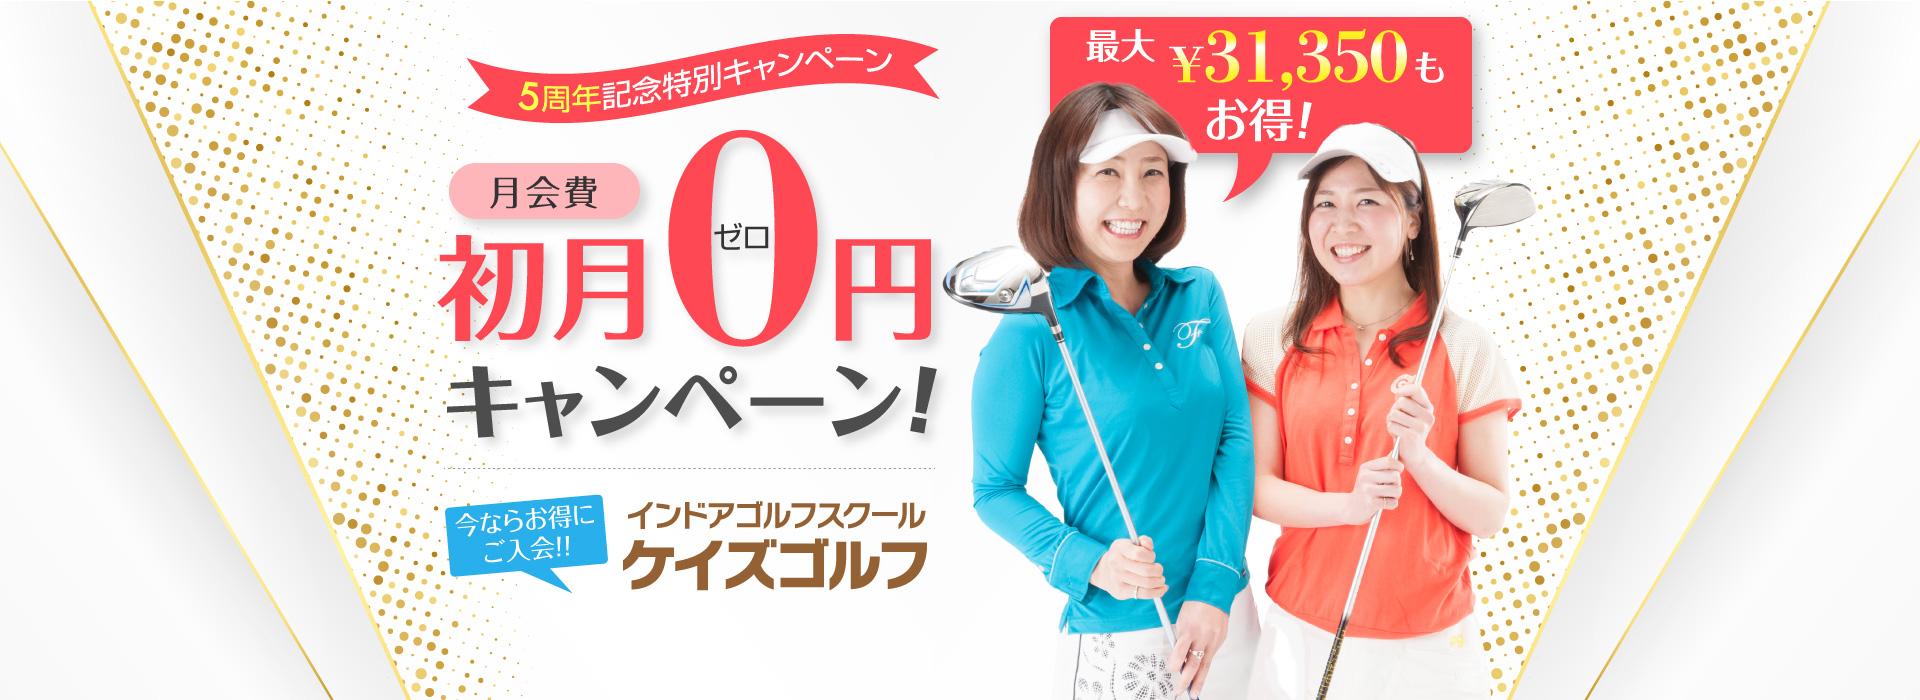 仙台ゴルフレッスン・仙台ゴルフスクール|ケイズゴルフ